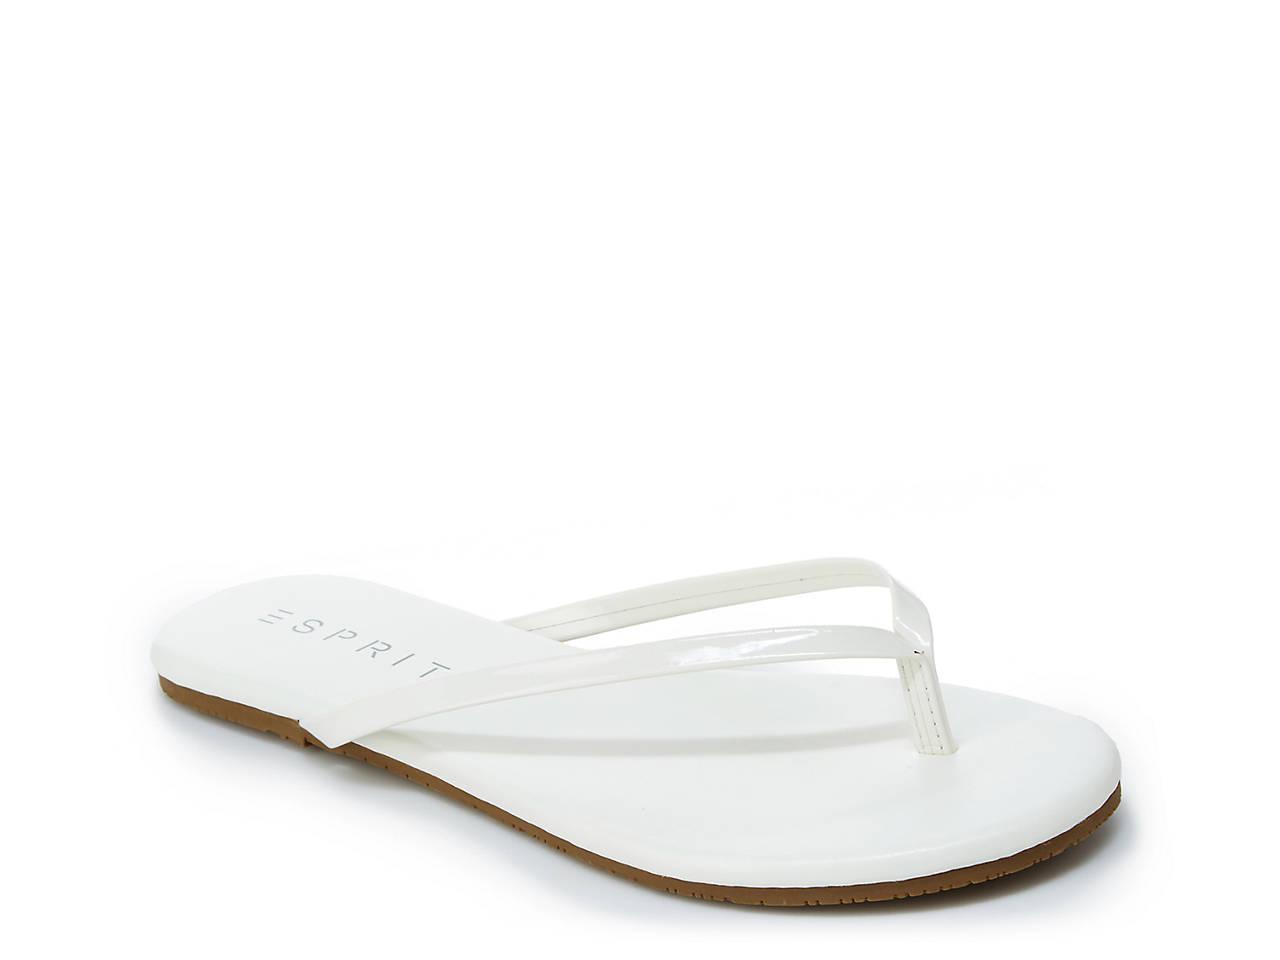 4d2af1177 Esprit Party Flip Flop Women s Shoes